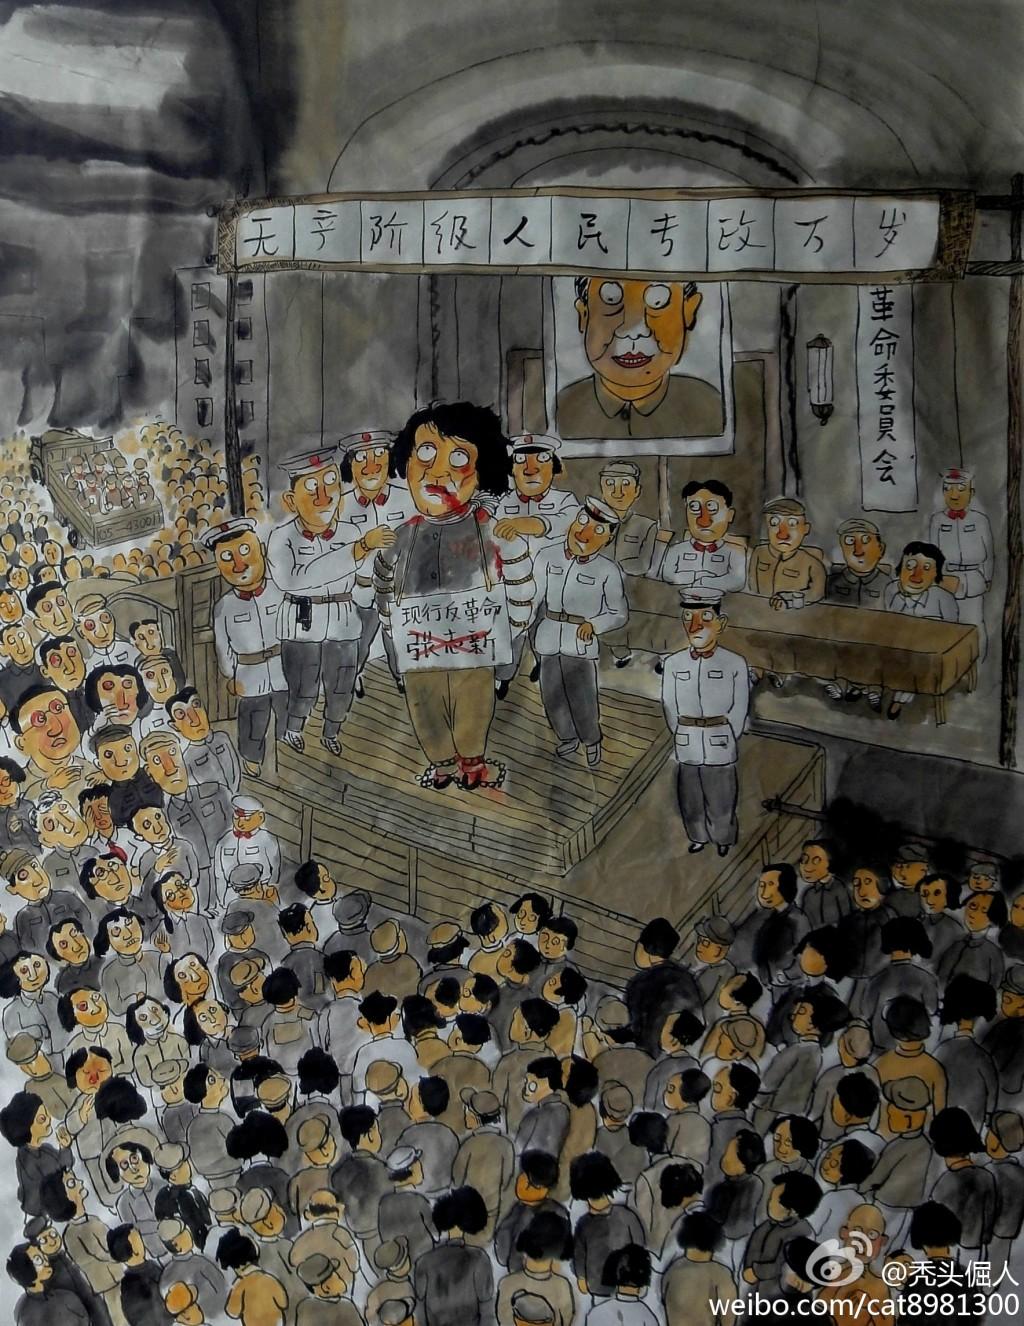 ZhangZhixin